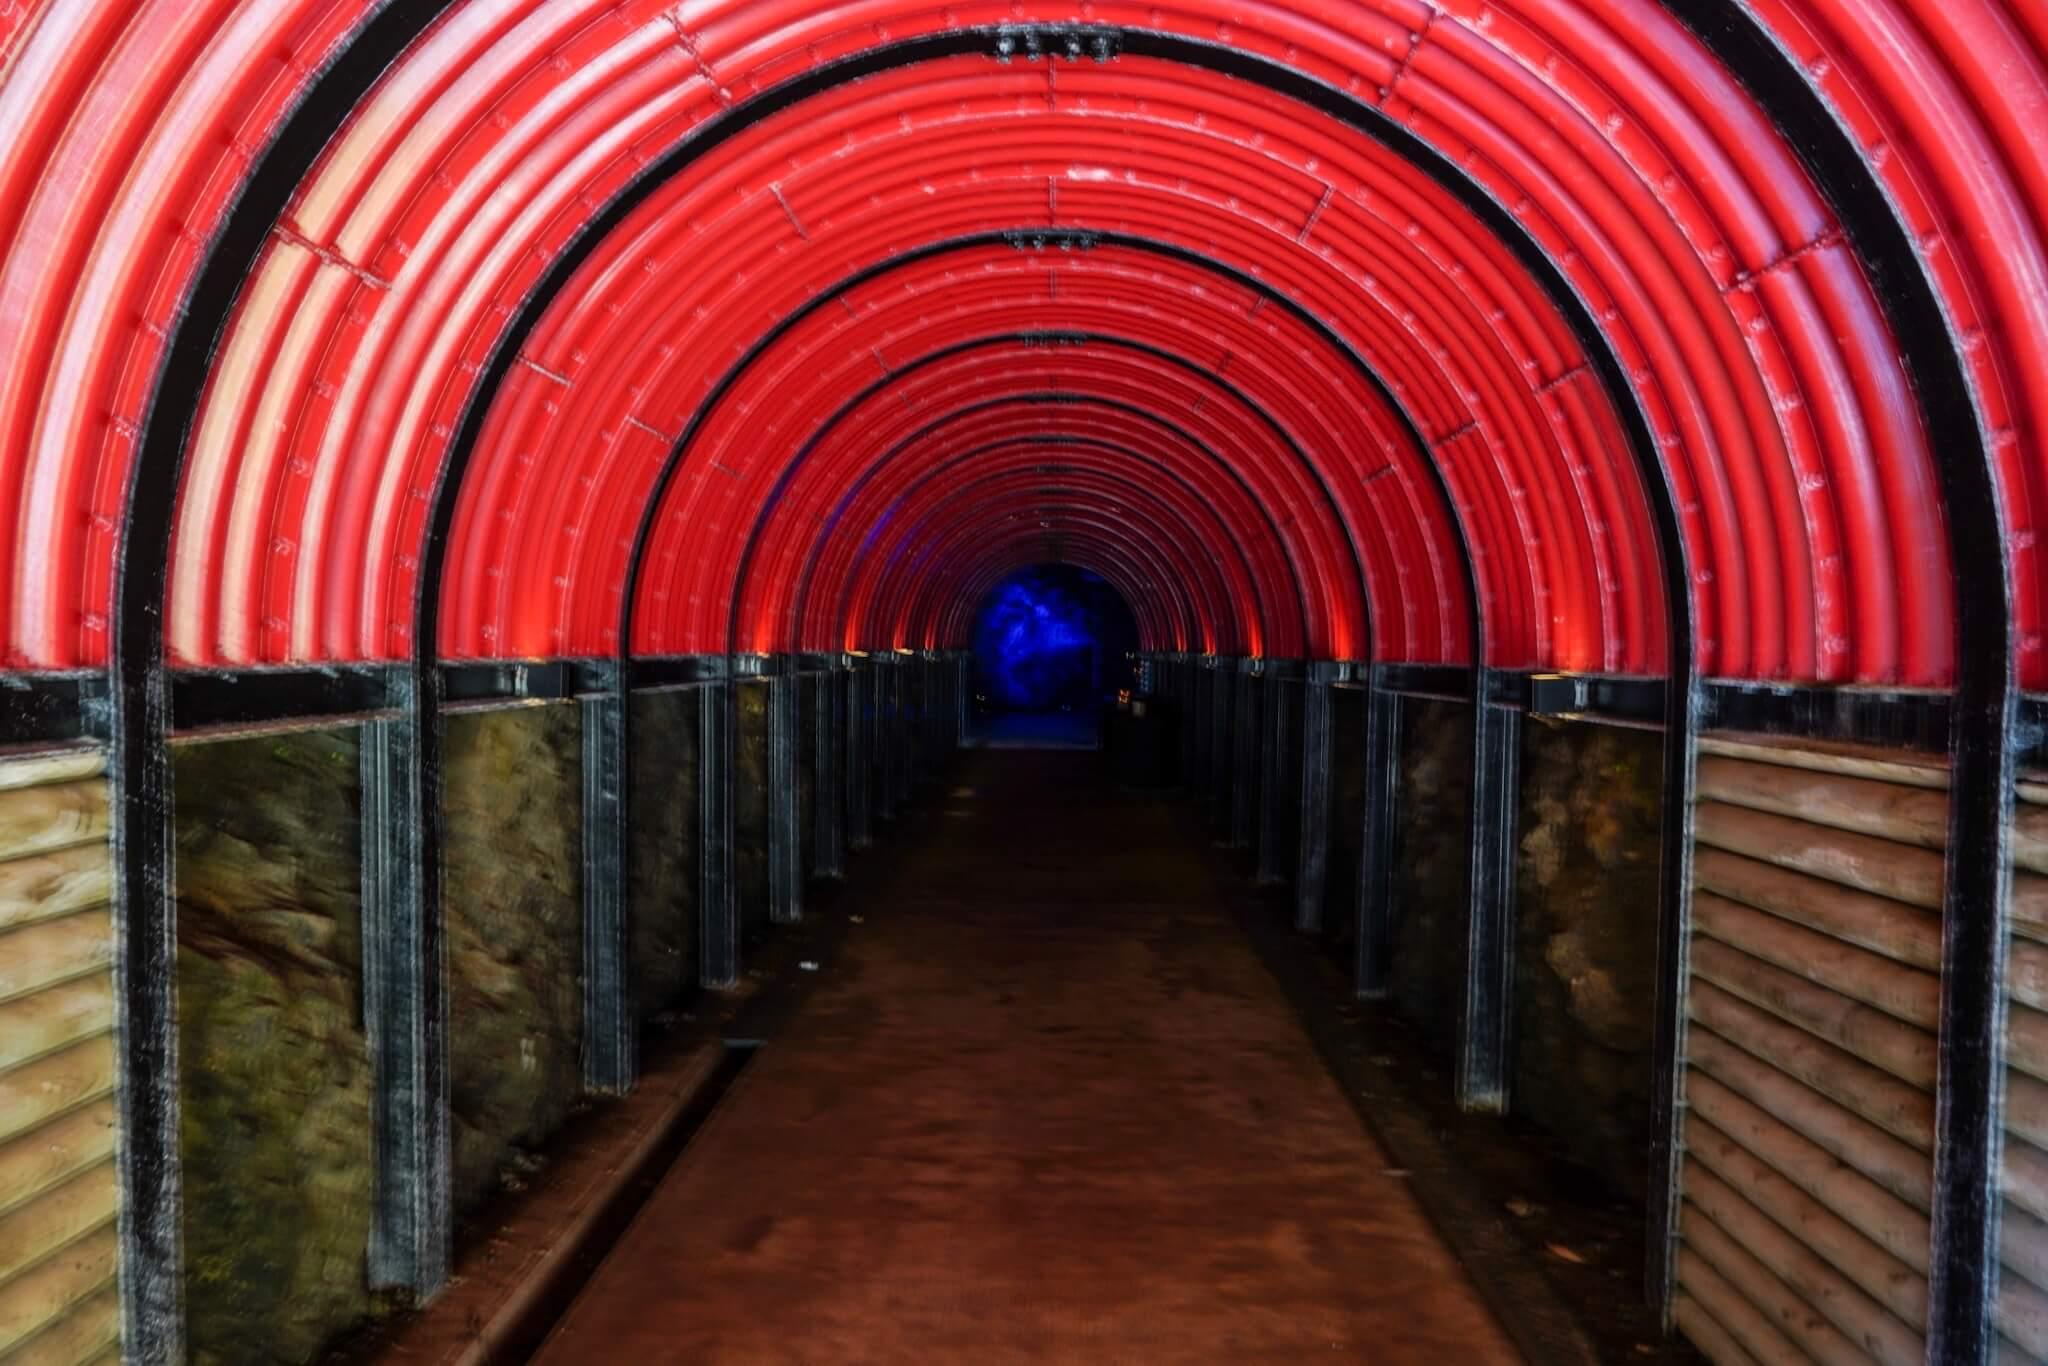 聖域の岬・青の洞窟 パワースポット「ダンジョン攻略」